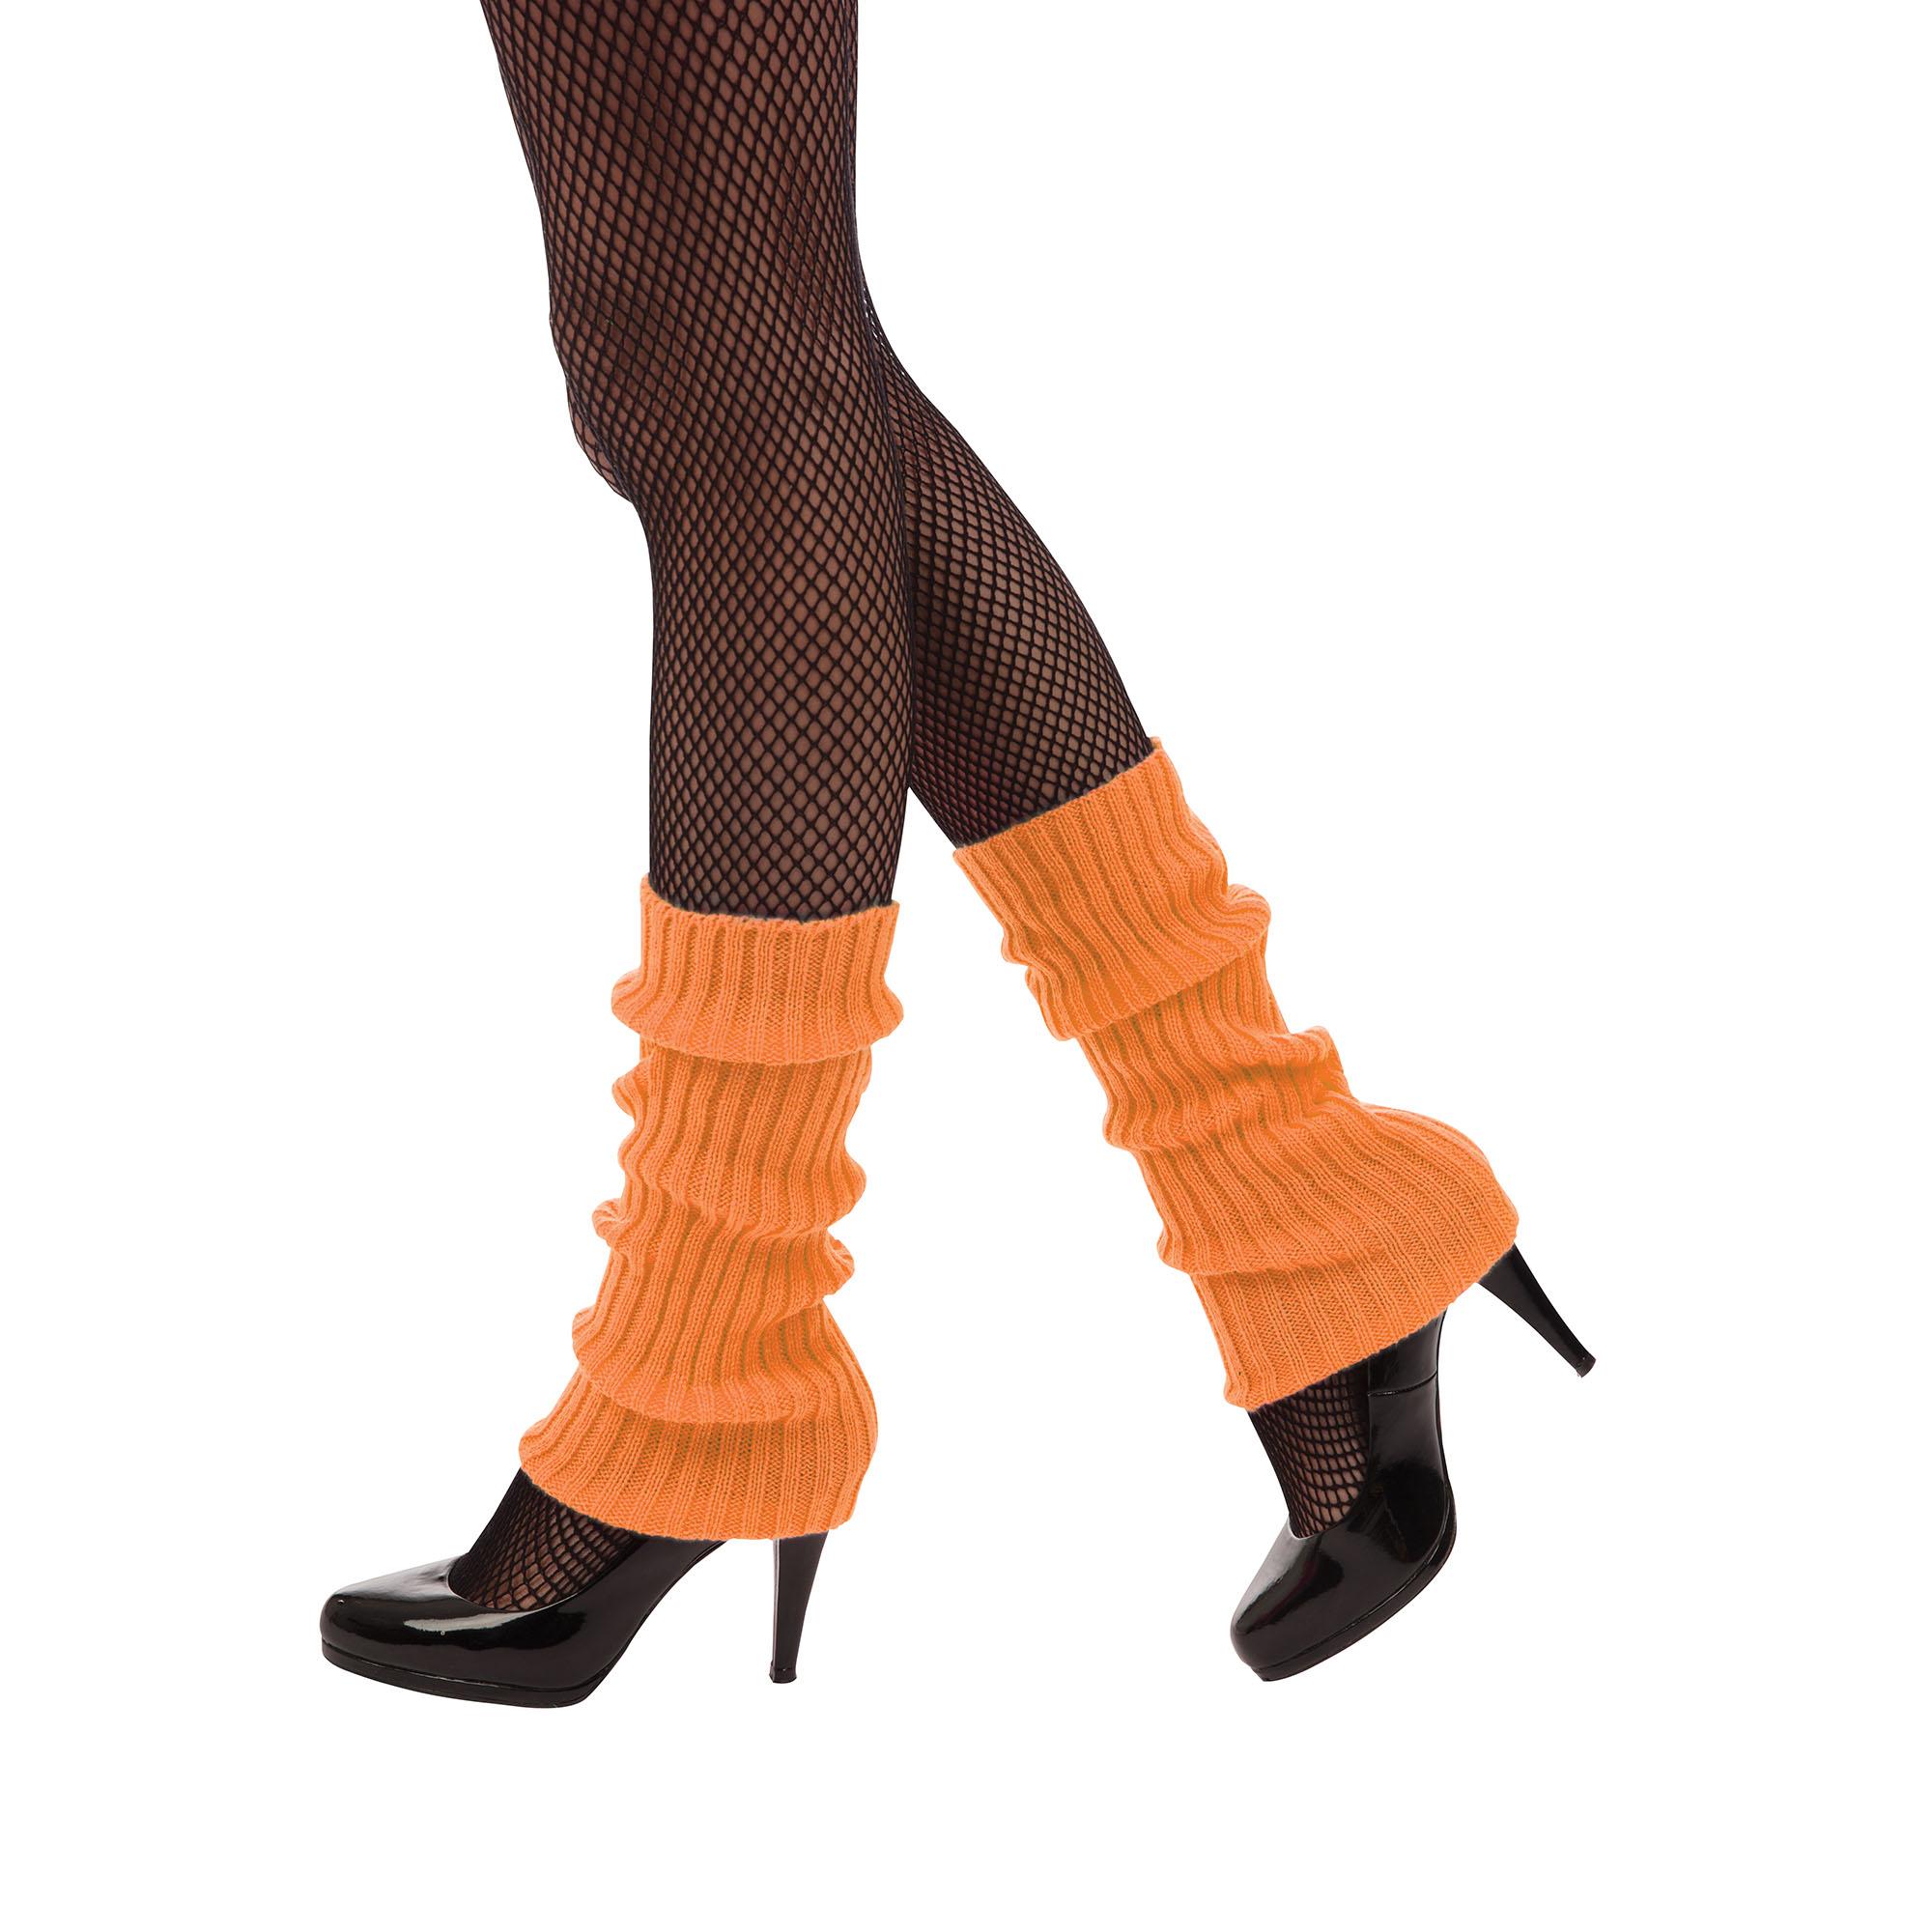 Neon Orange Leg Warmers 1980s Fancy Dress Accessory